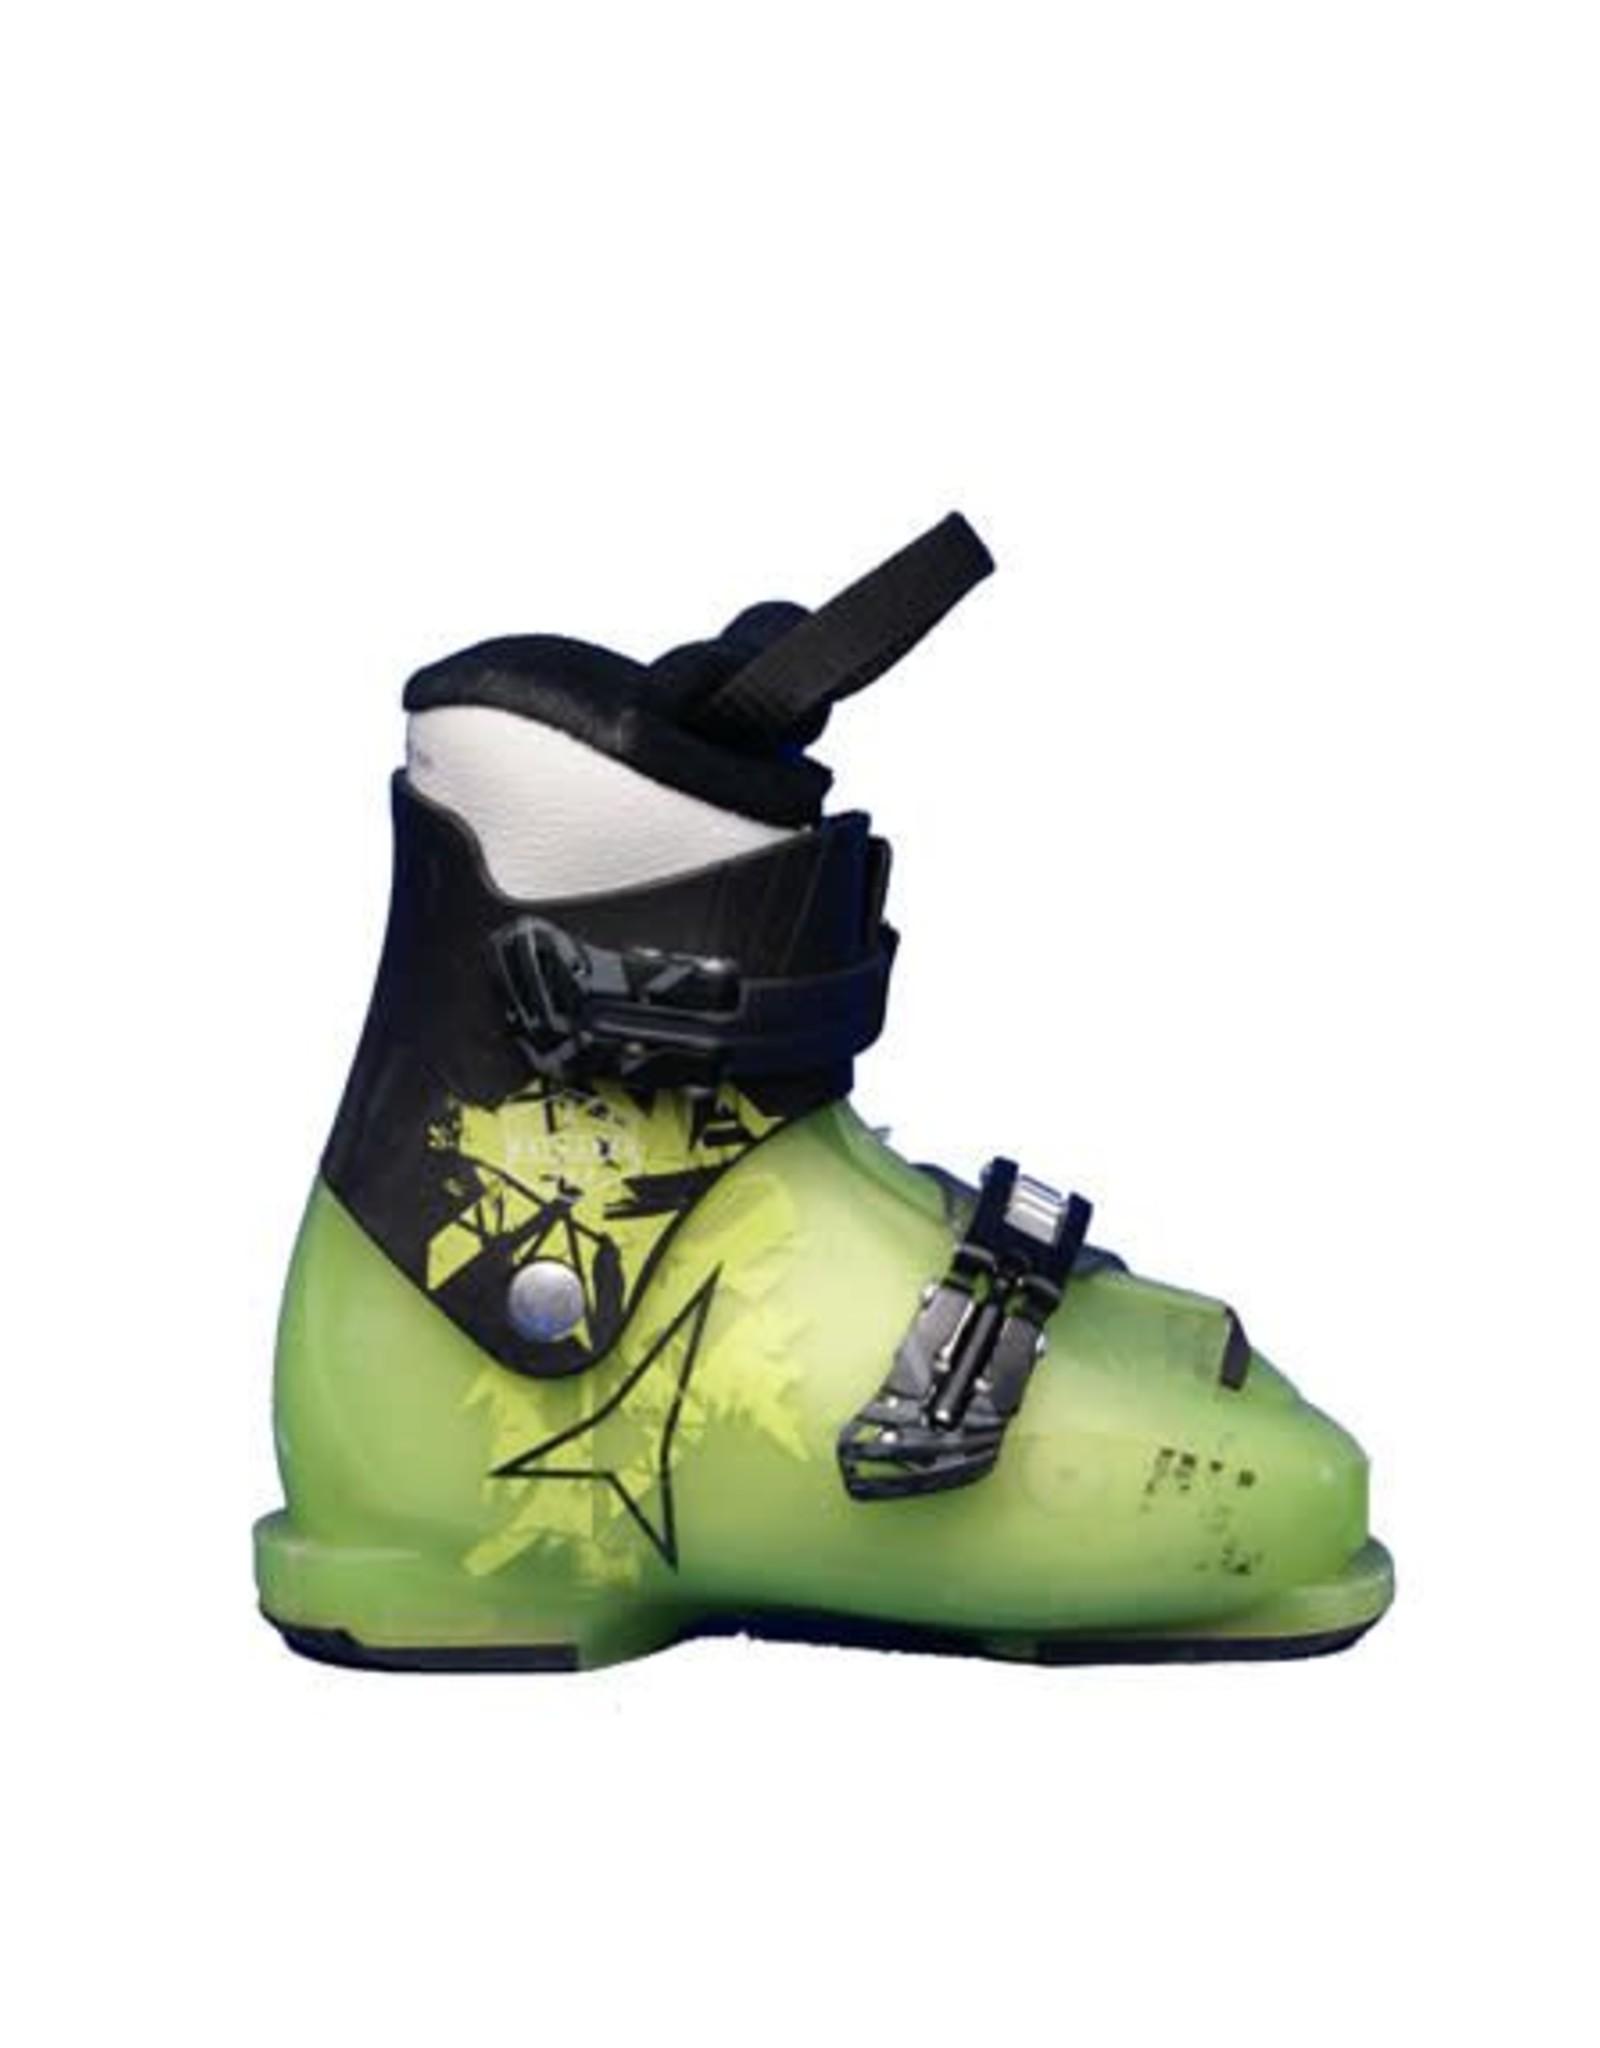 ATOMIC Skischoenen ATOMIC Waymaker JR R2  Groen Gebruikt